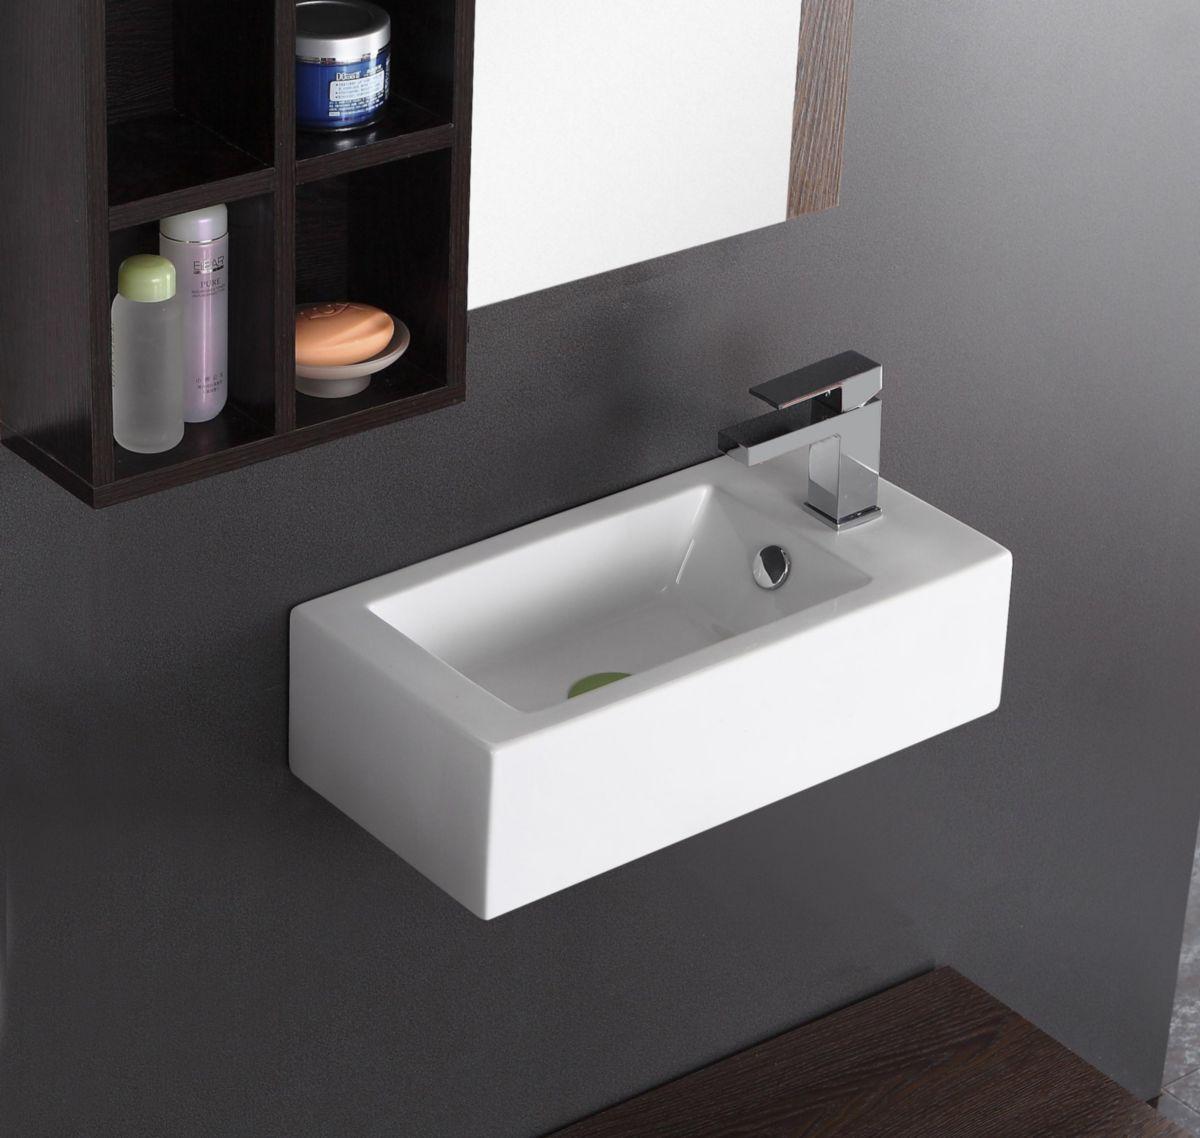 Lave mains Alterna Domino avec robinetterie à droite 50 x 25,5 cm (cedeo.fr)